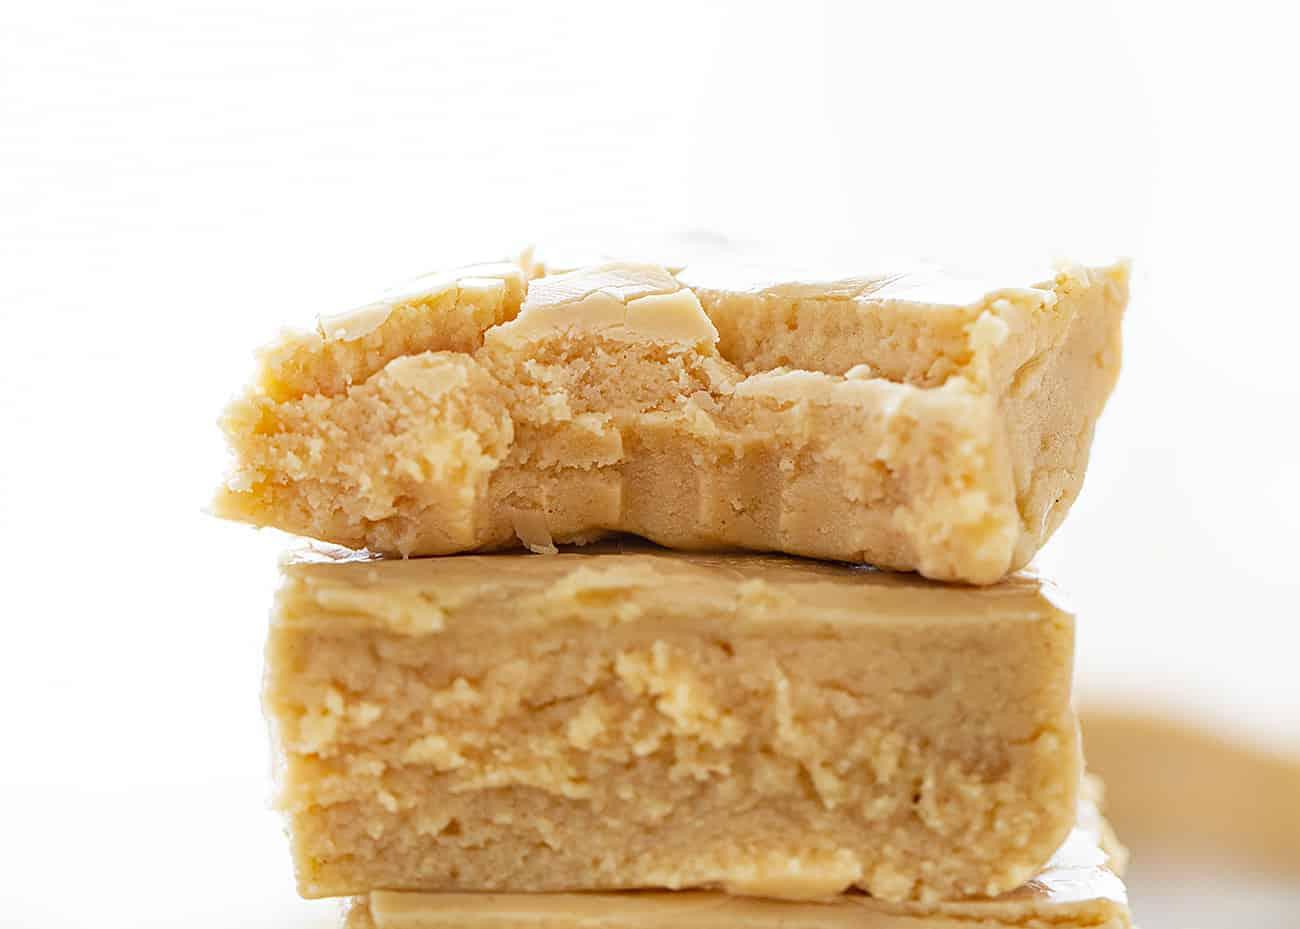 Piece of bit into Creamy Peanut Fudge